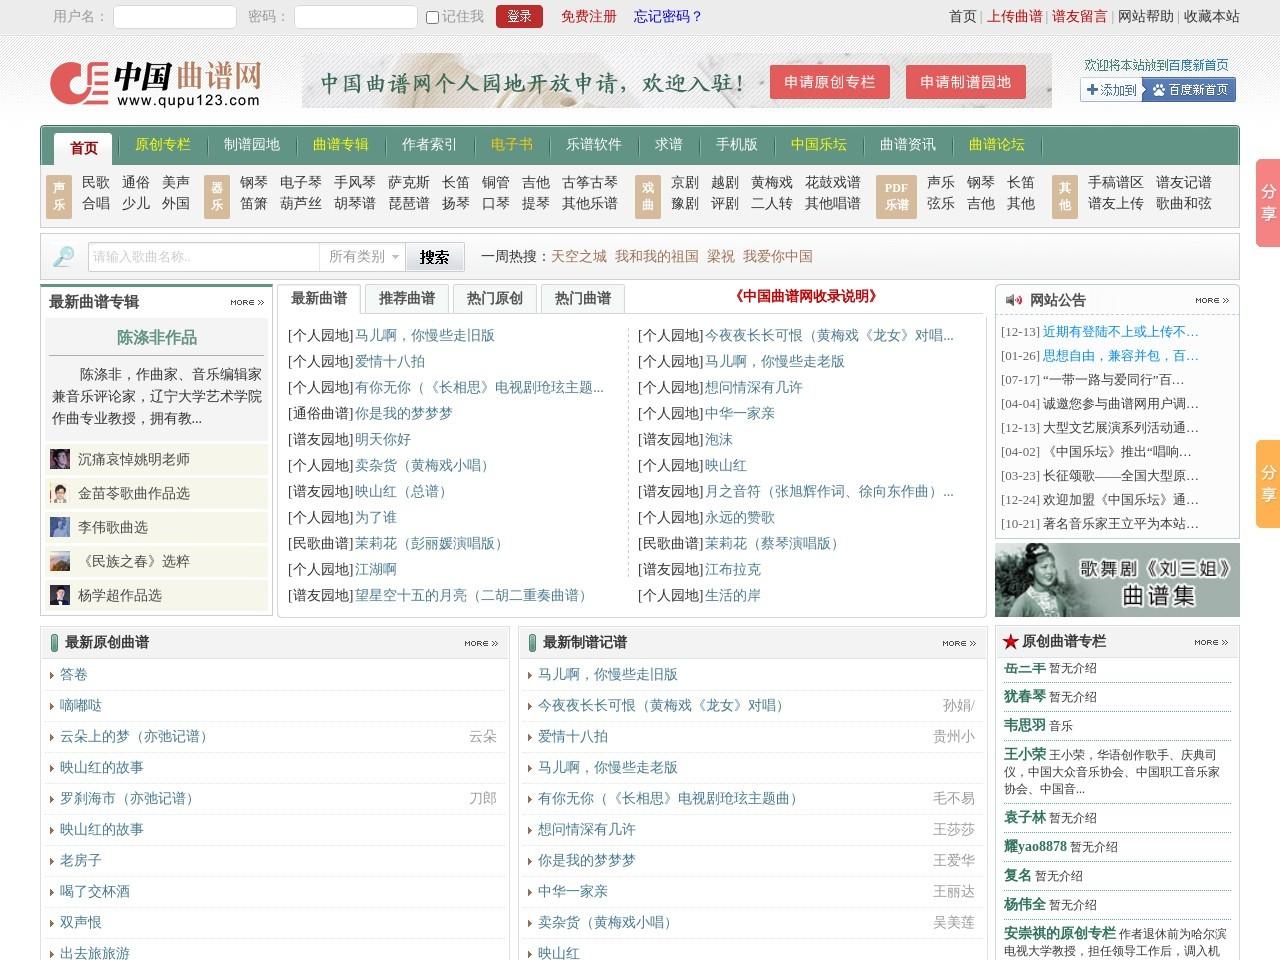 中国乐谱网